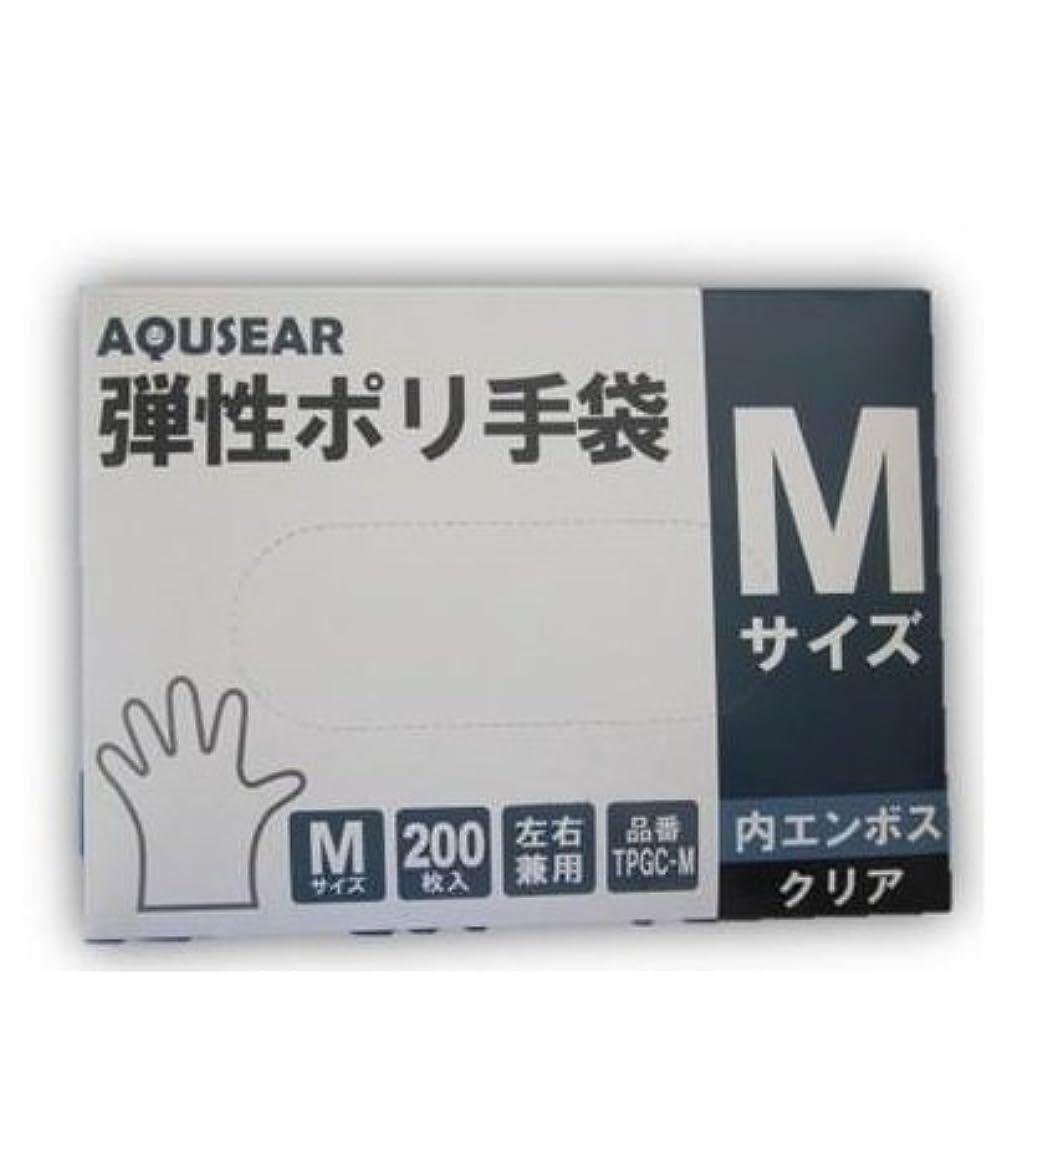 美徳錫名義でAQUSEAR 弾性ポリ手袋 内エンボス クリア Mサイズ TPGC-M 1ケース4,000枚(200枚×20箱)